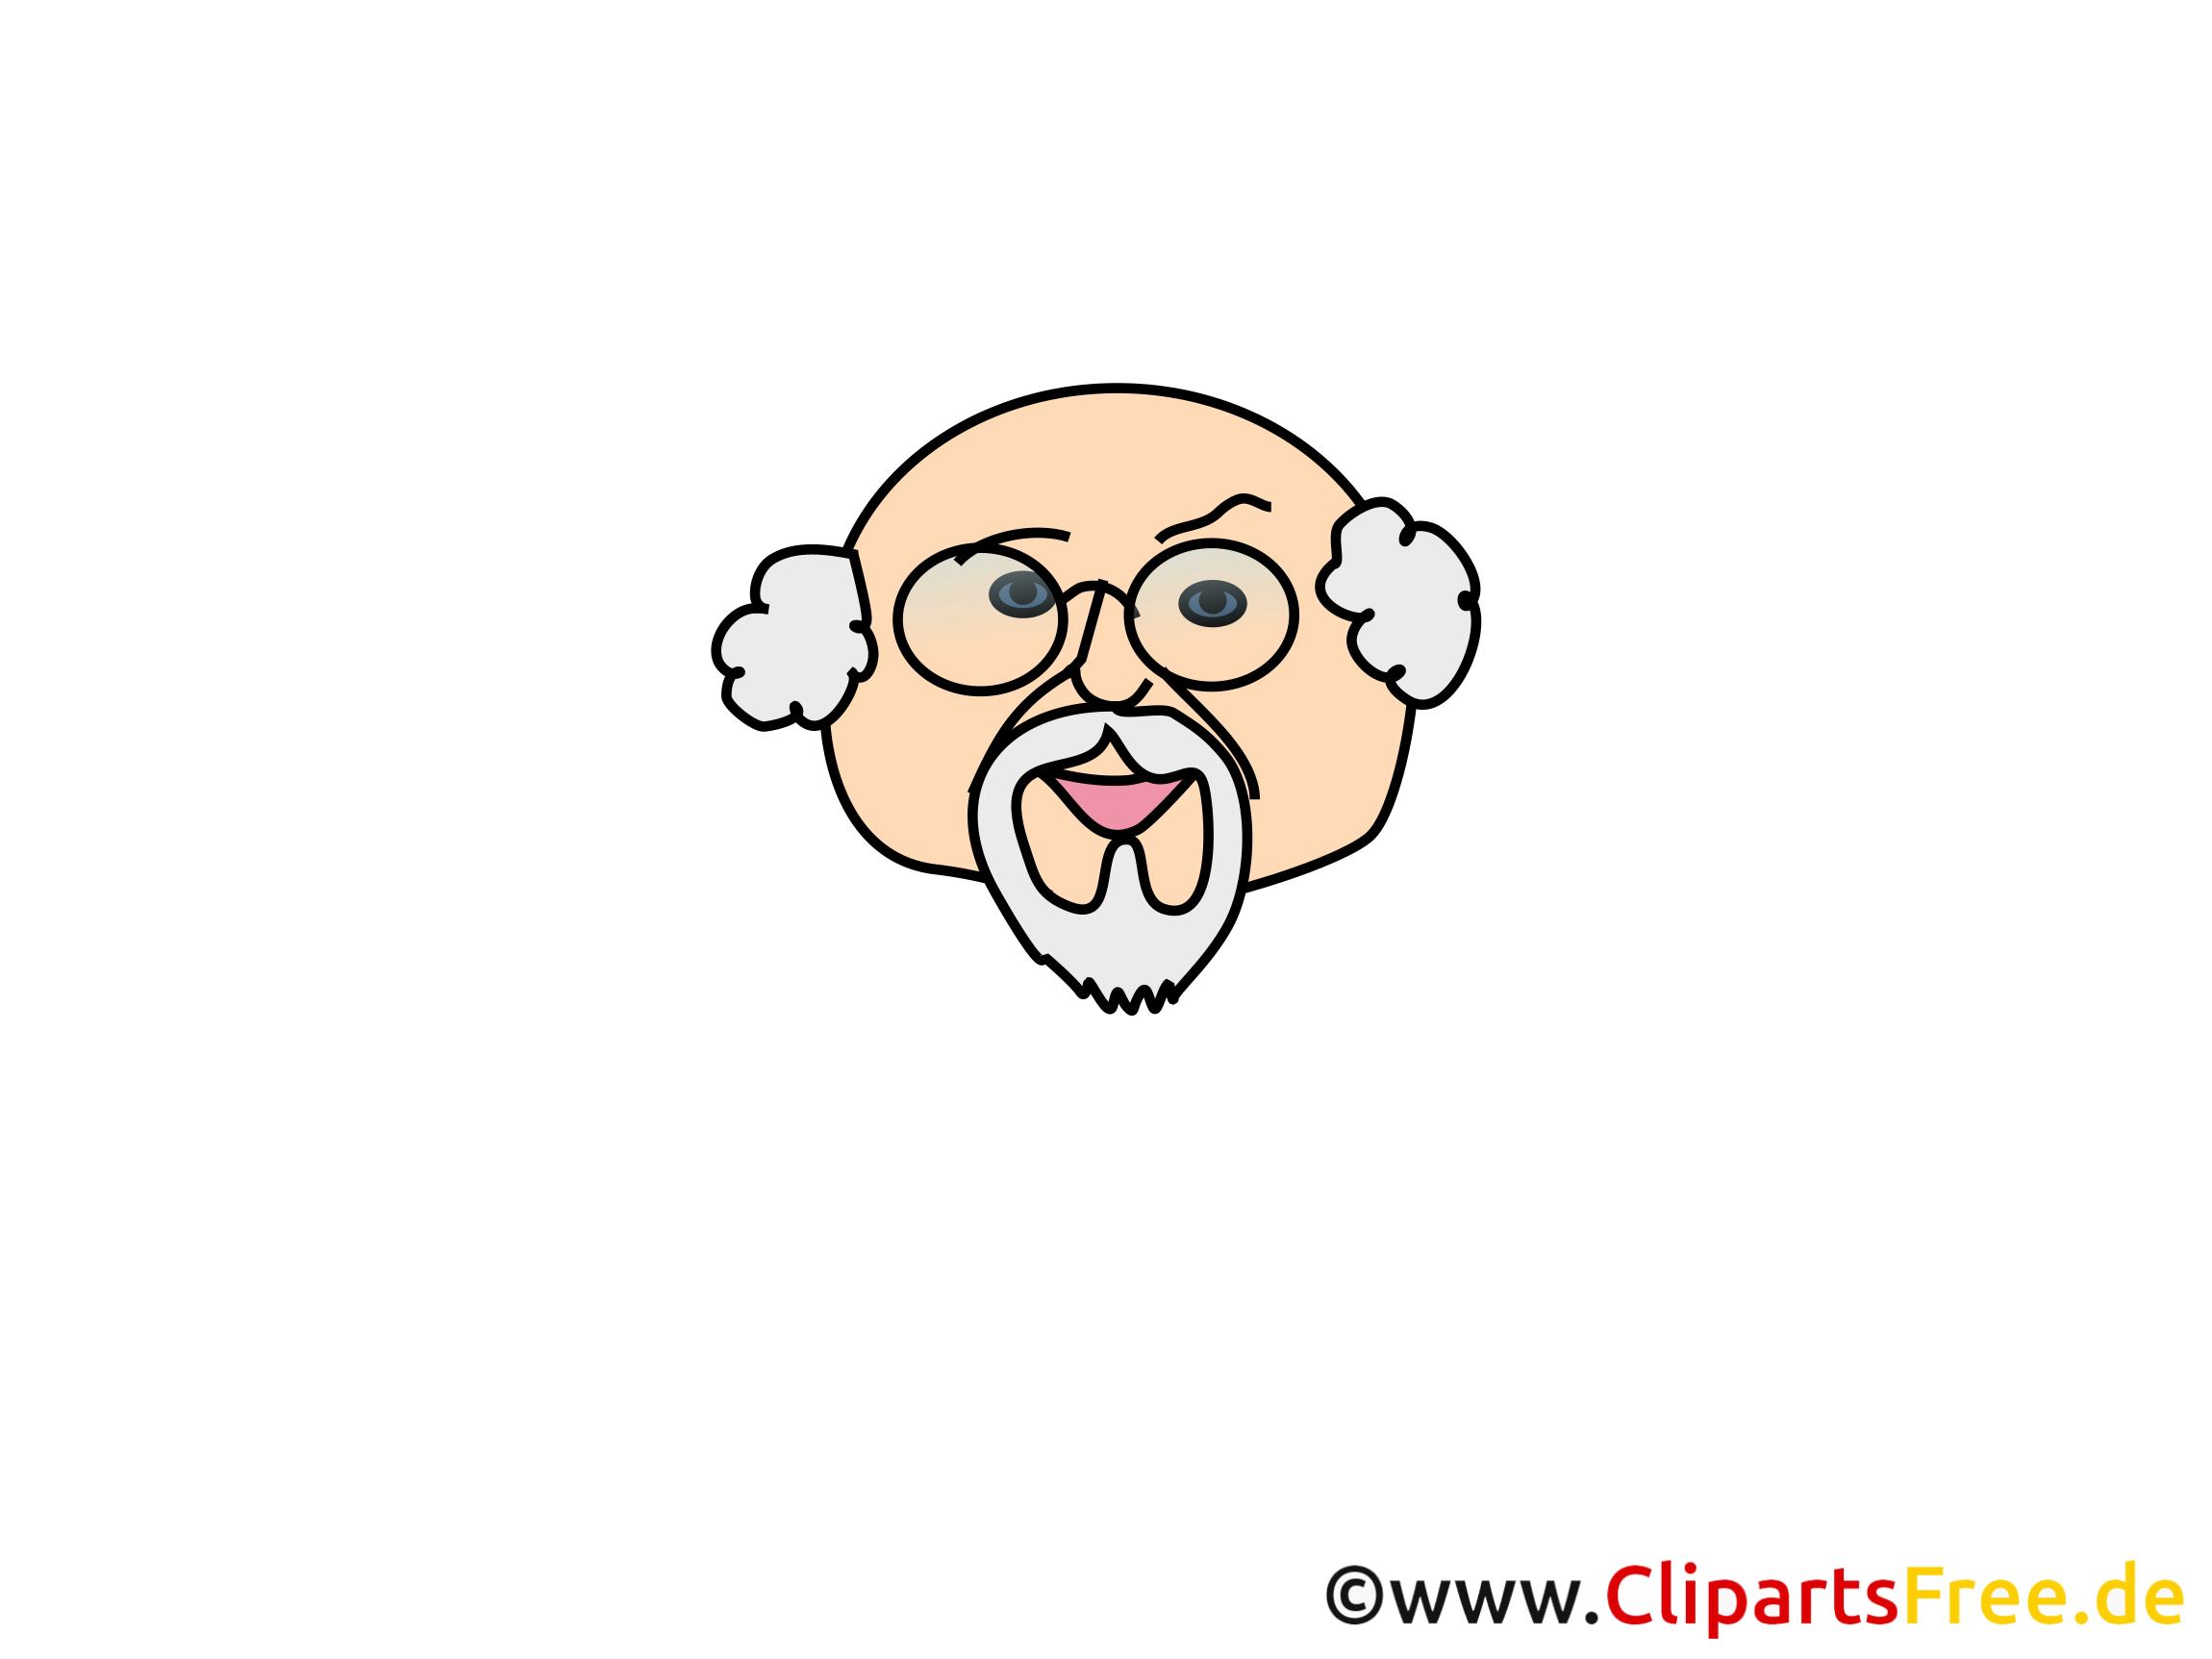 Grand-père image gratuite – Émoticônes cliparts